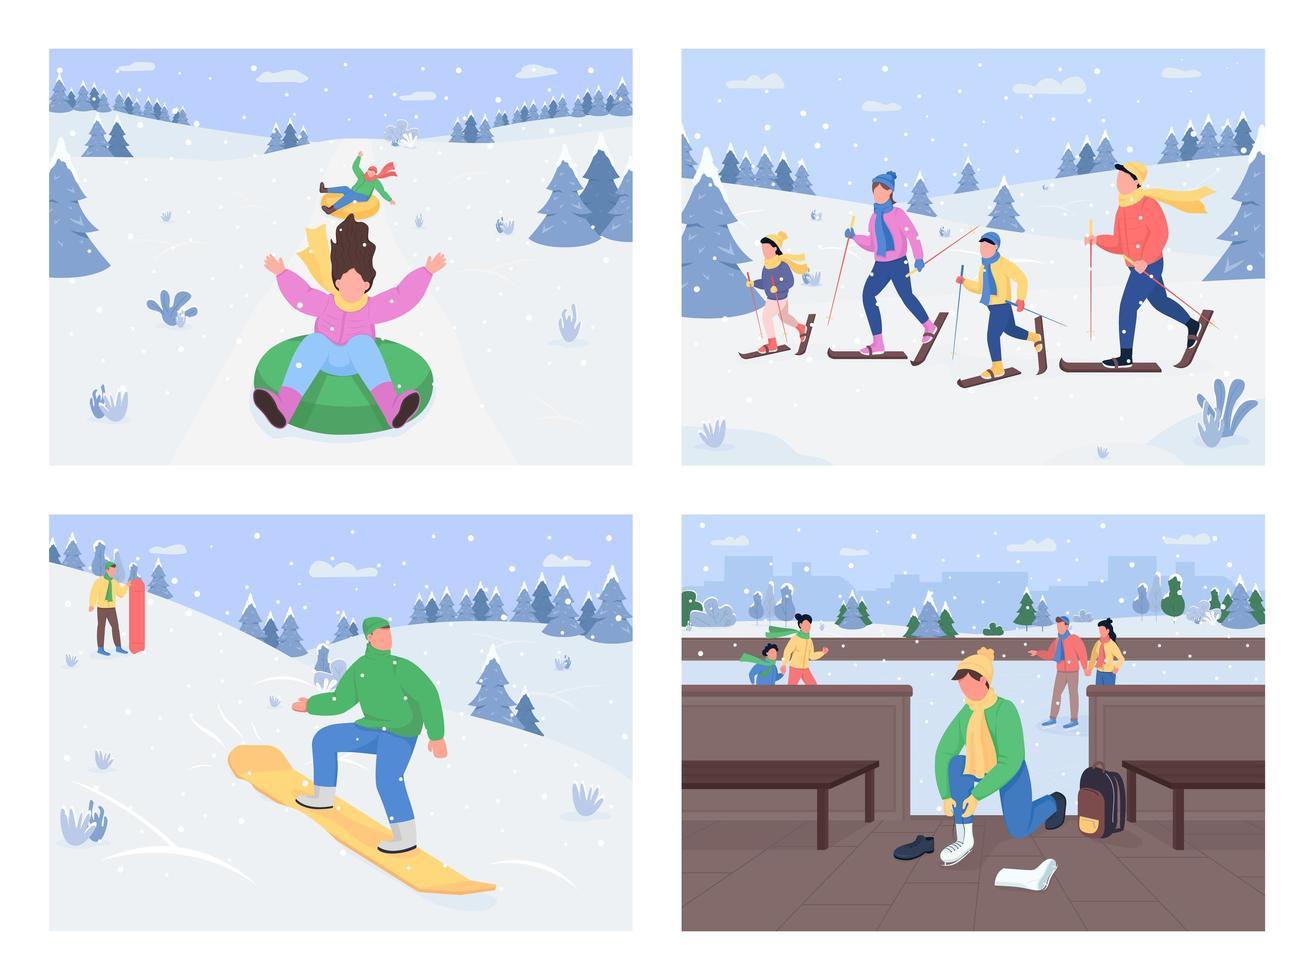 atividades divertidas de inverno vetor